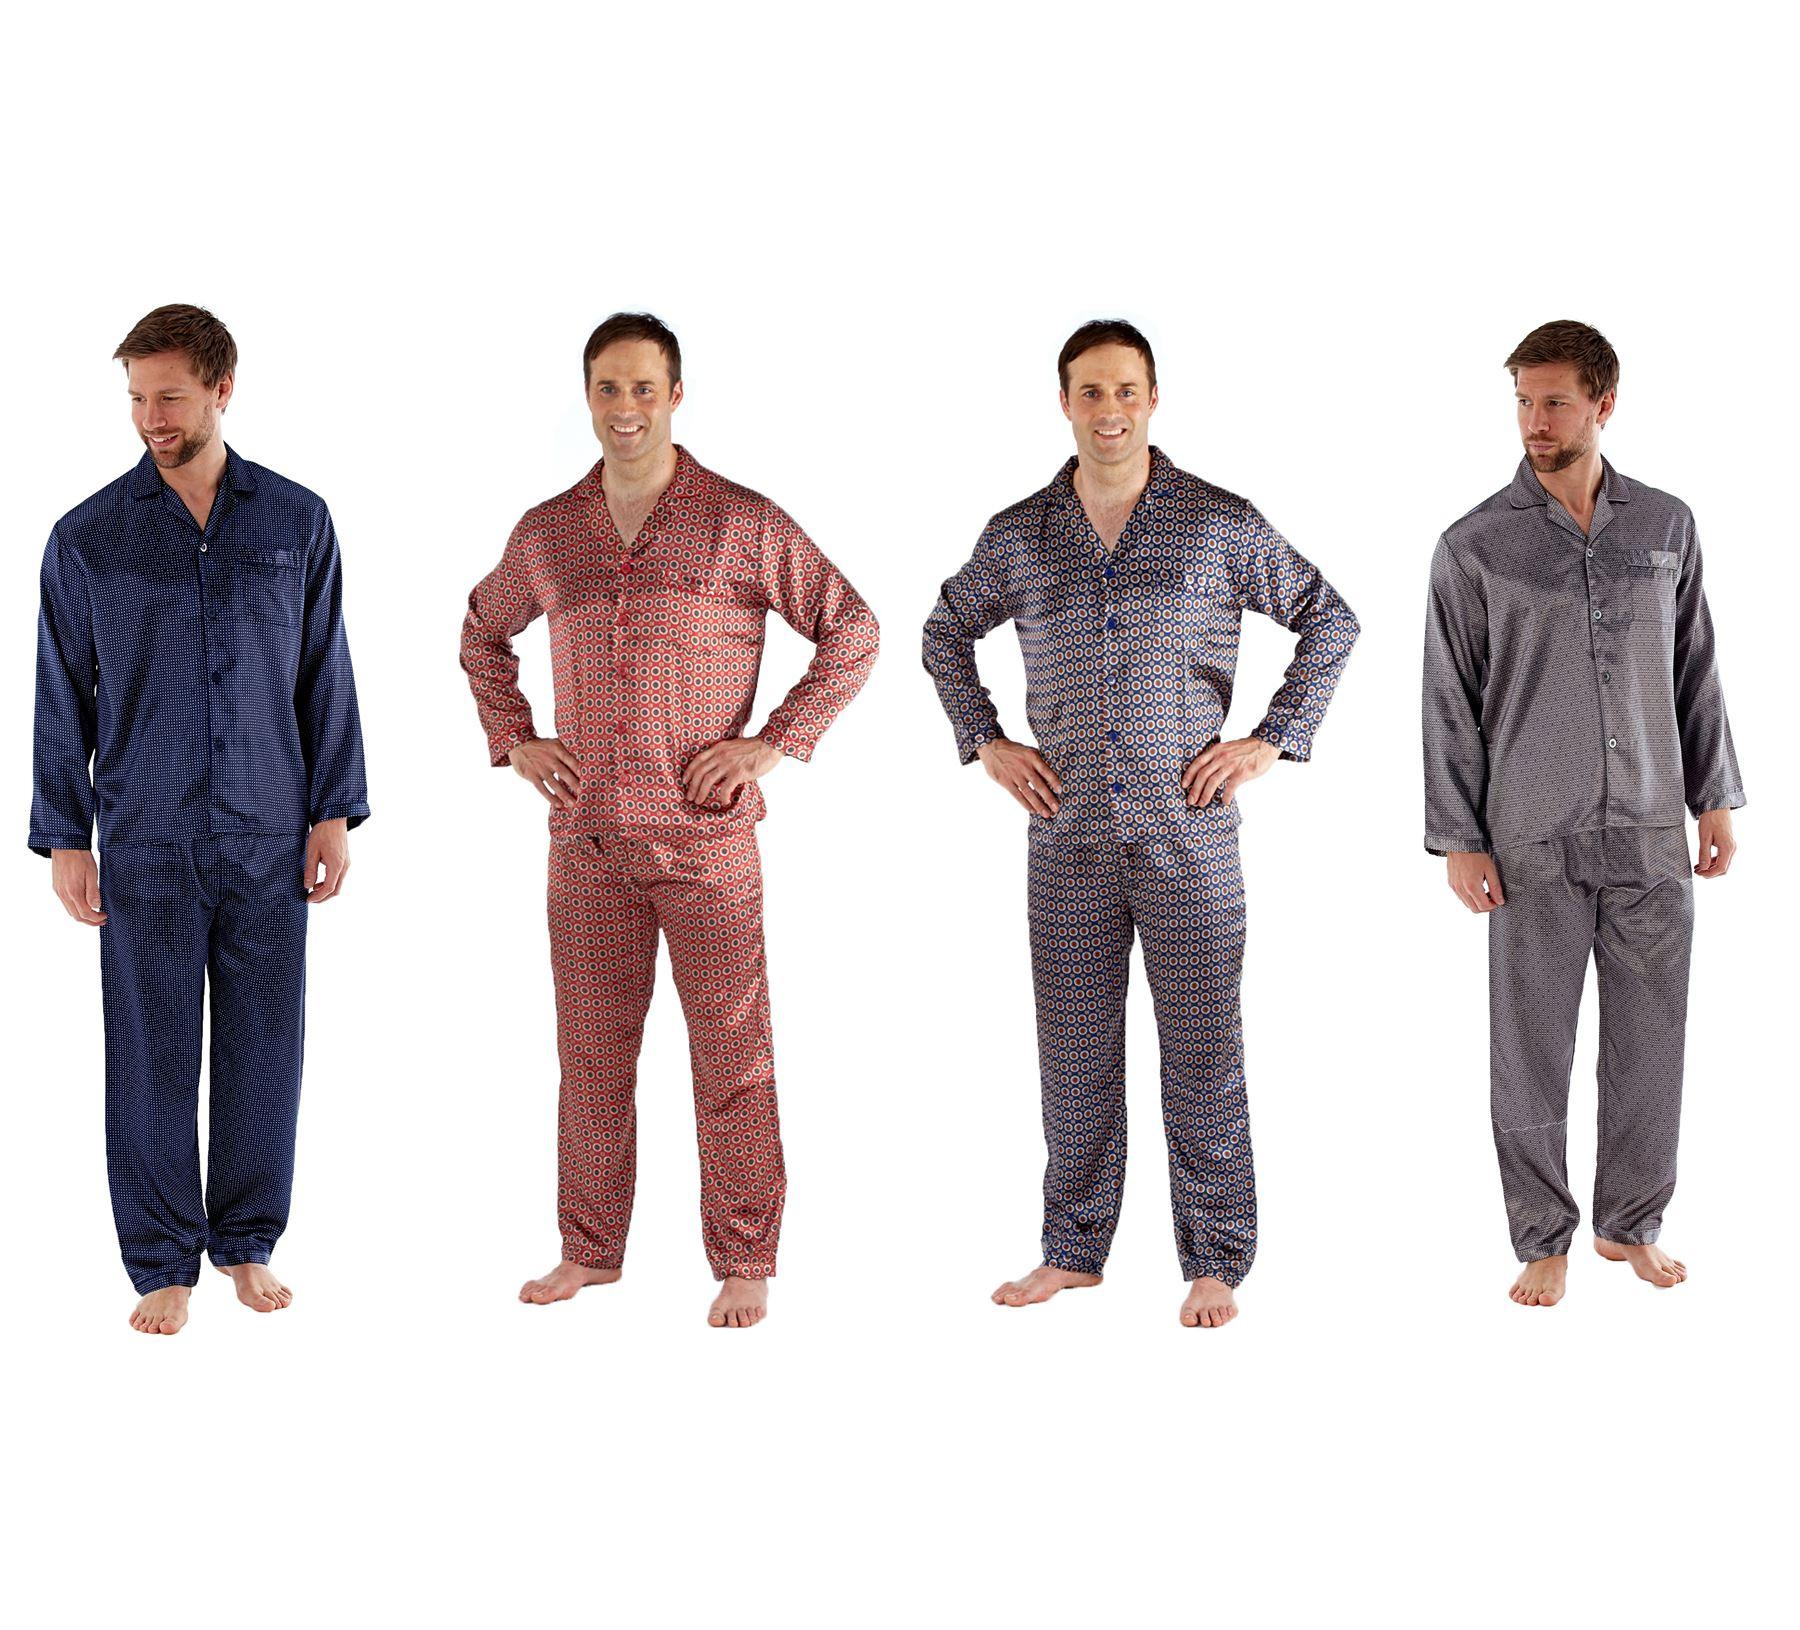 salvare c6ff7 2b26e Dettagli su Uomo Pigiami di Seta, Pulsante Manica Lunga Camicia Pantaloni  Set